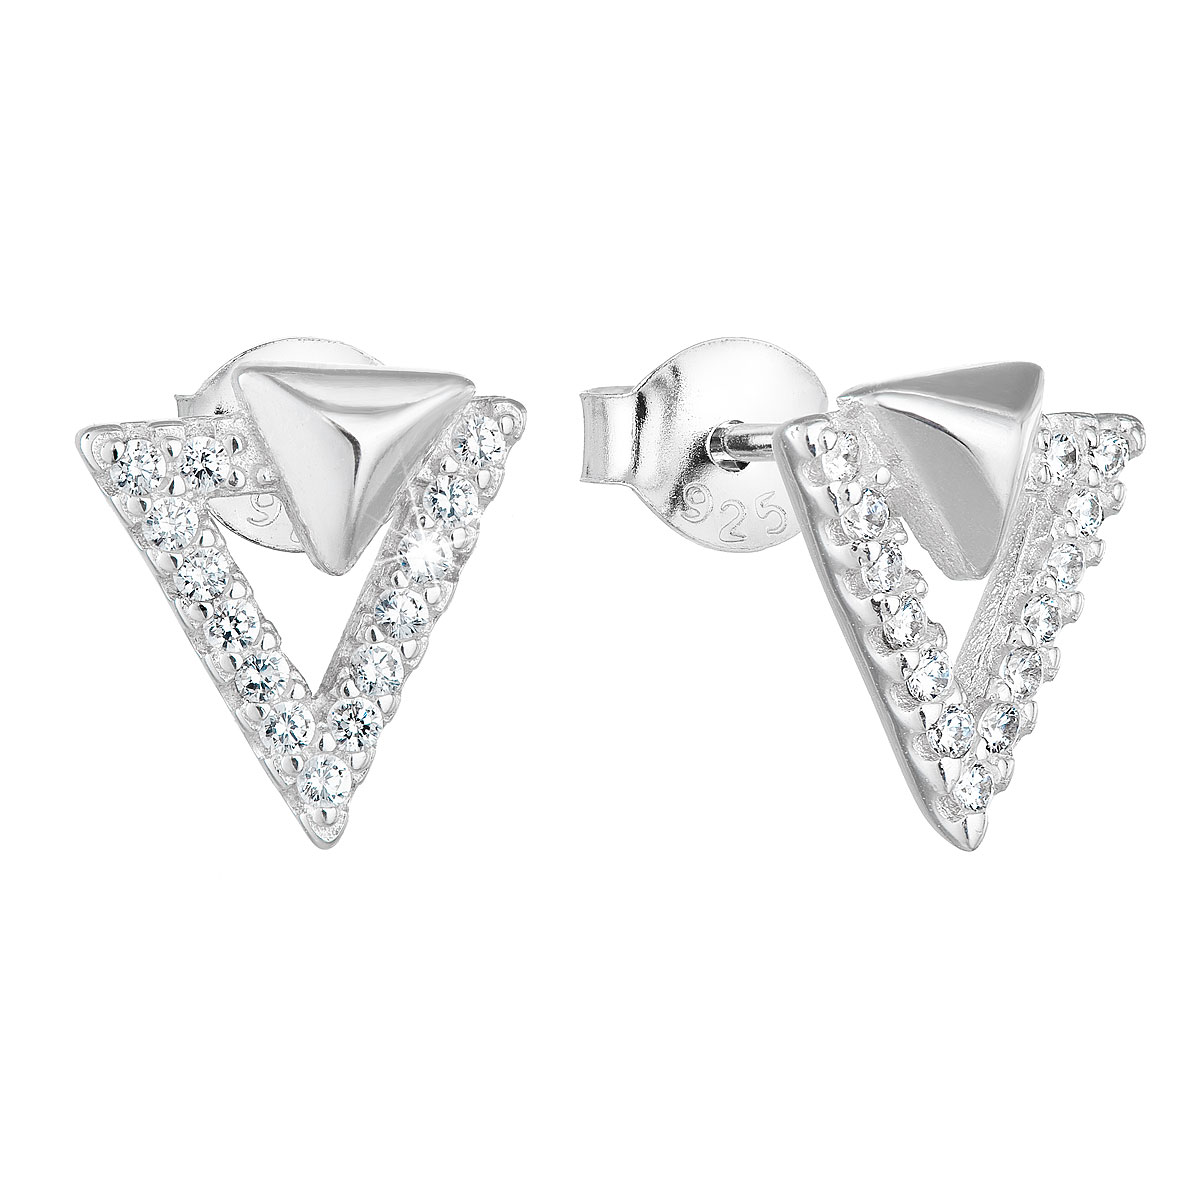 Strieborné náušnice perličky so zirkónom biely trojuholník 11081.1